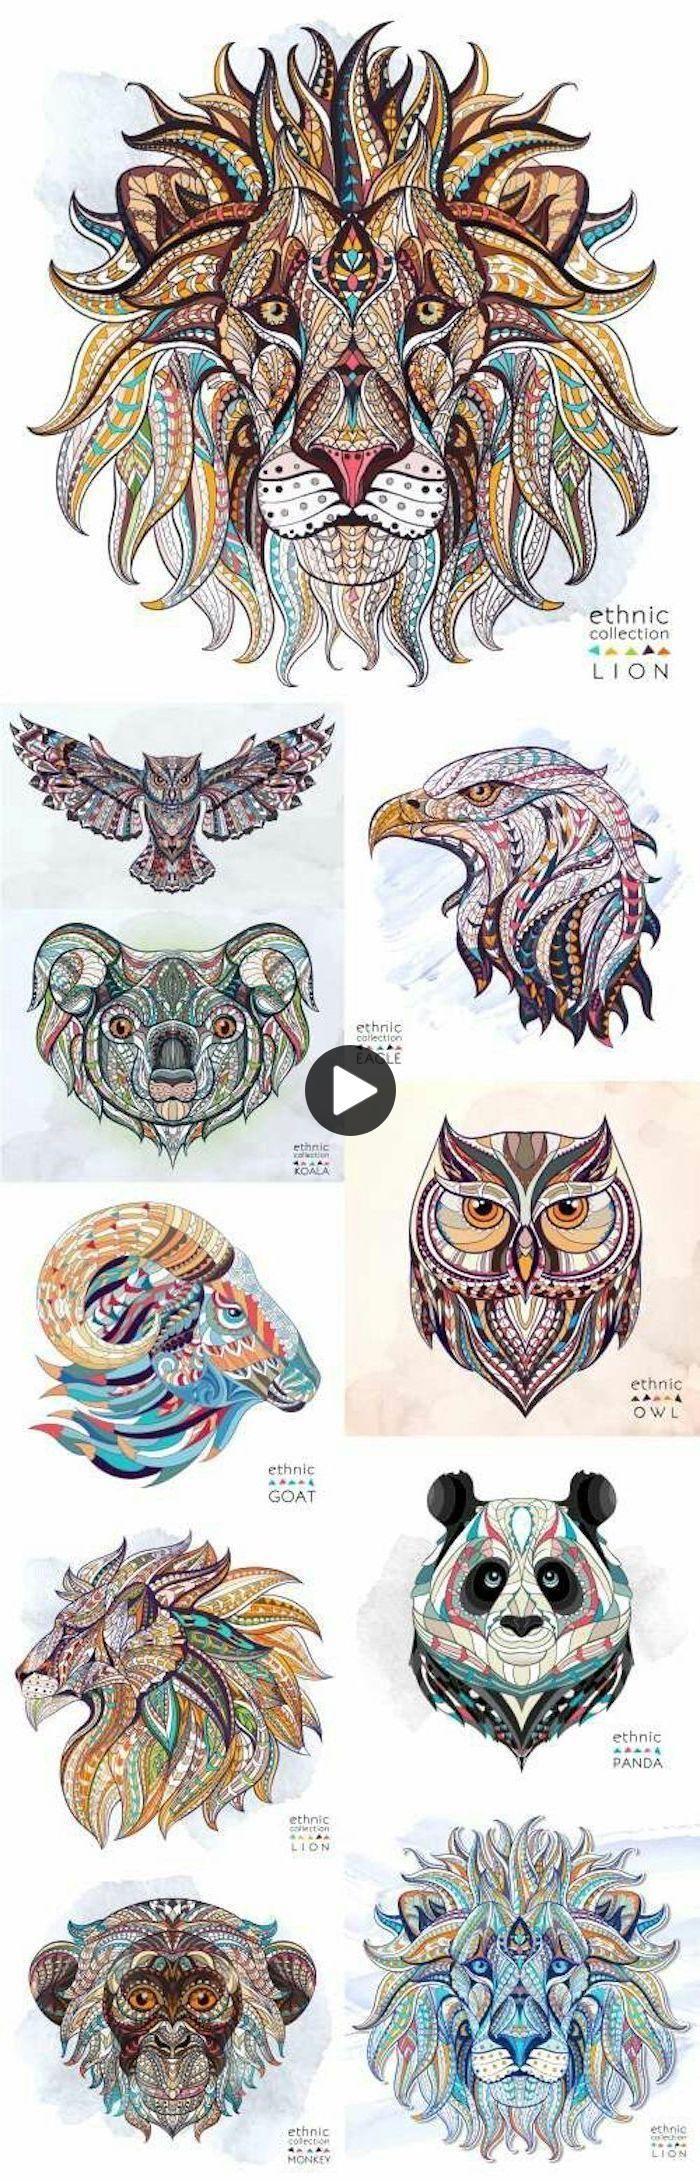 Meer Dan 75 Ideeen Voor Tattoo Motieven Met Een Diepe Betekenis Dierentatoeages Uiltatoeages Abstracte Kleurplaten